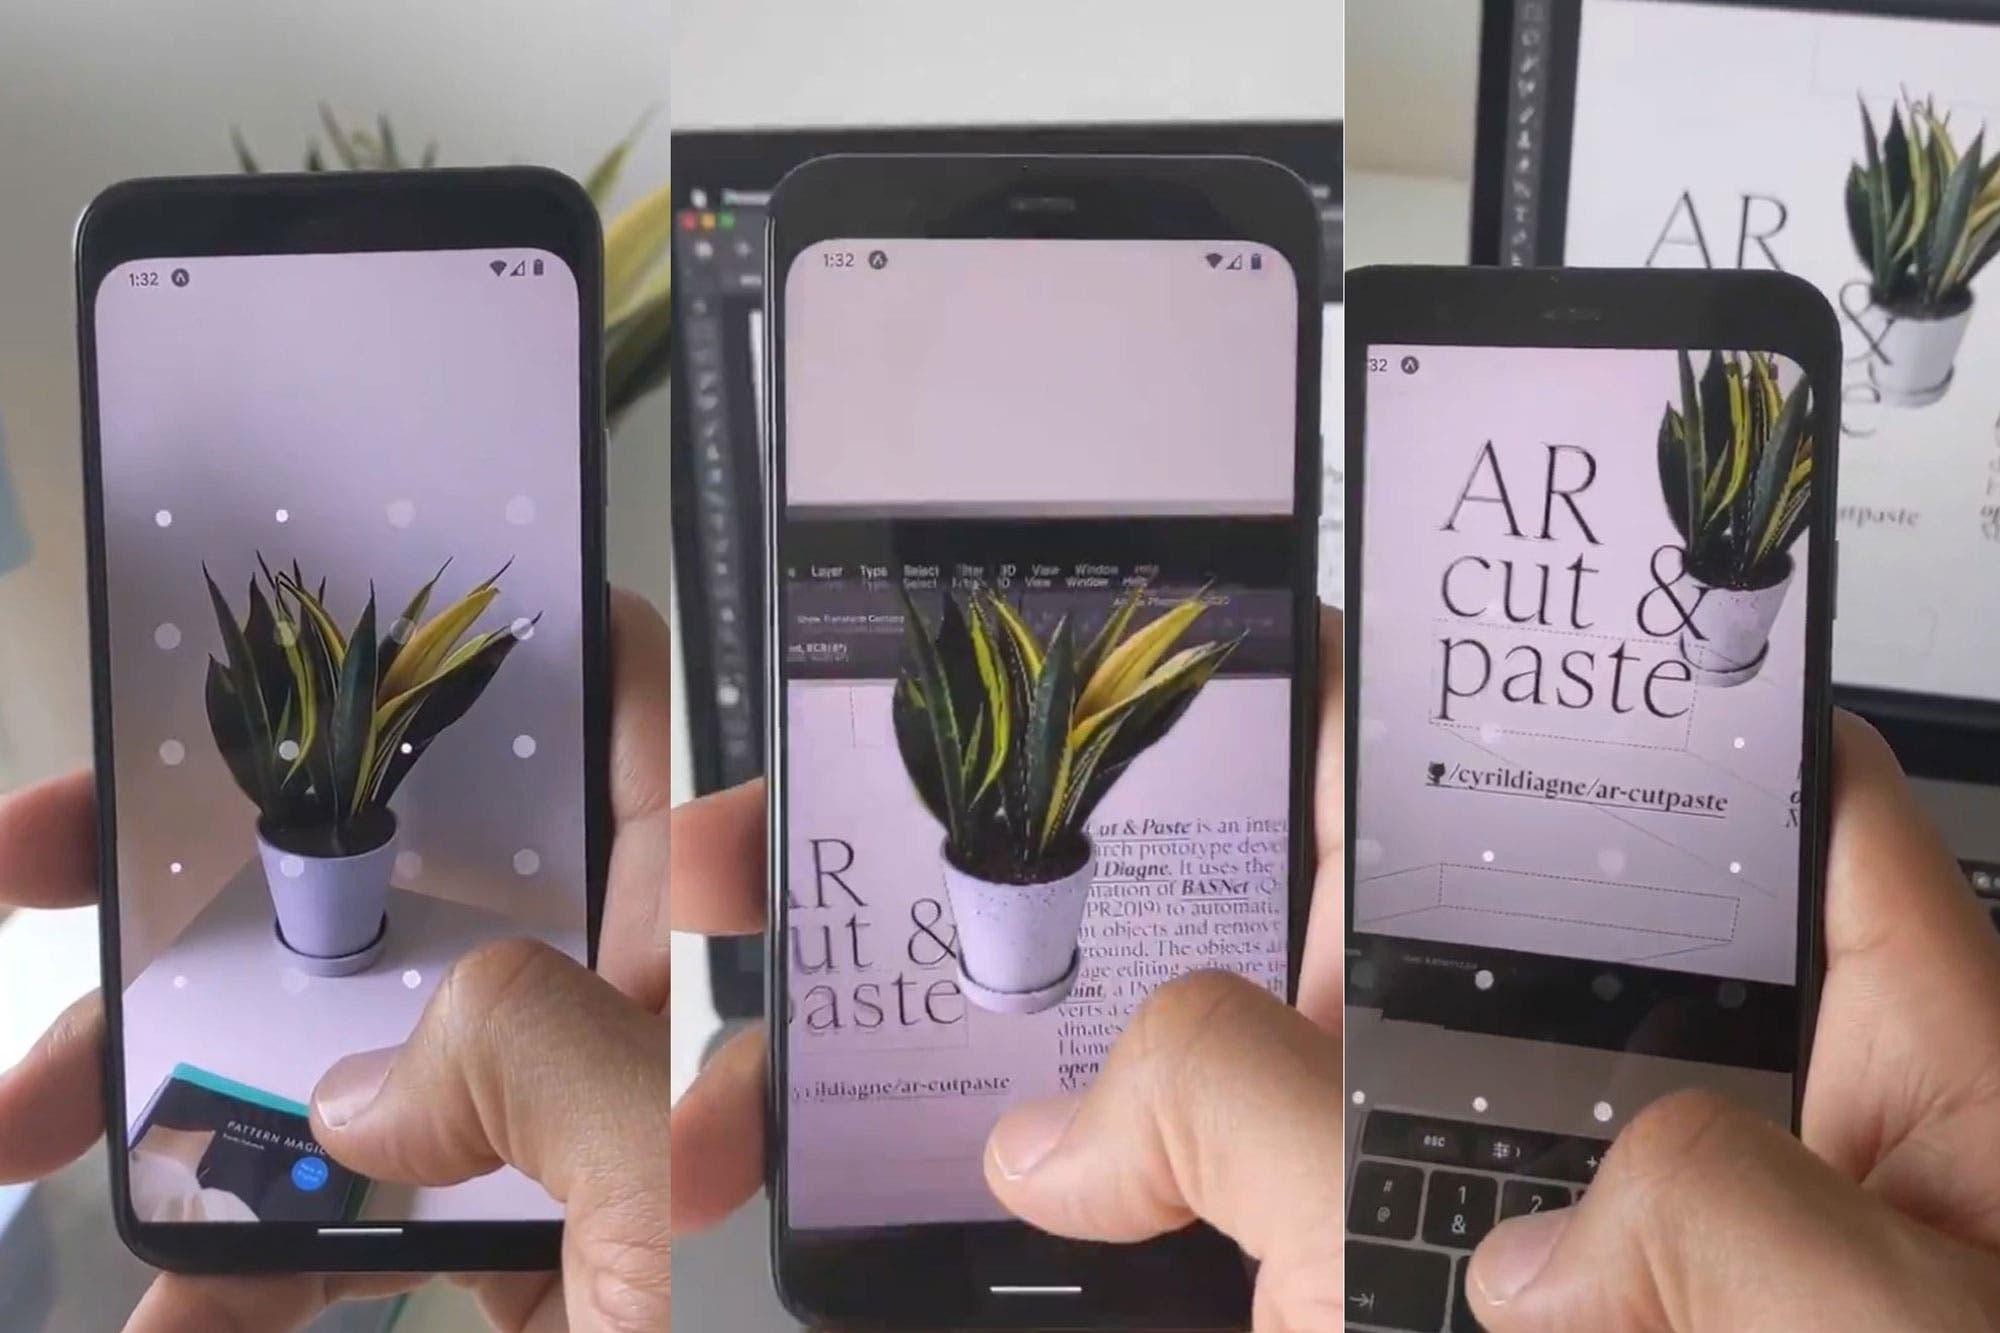 Cómo copiar y pegar objetos de la vida real en un documento con la cámara del celular